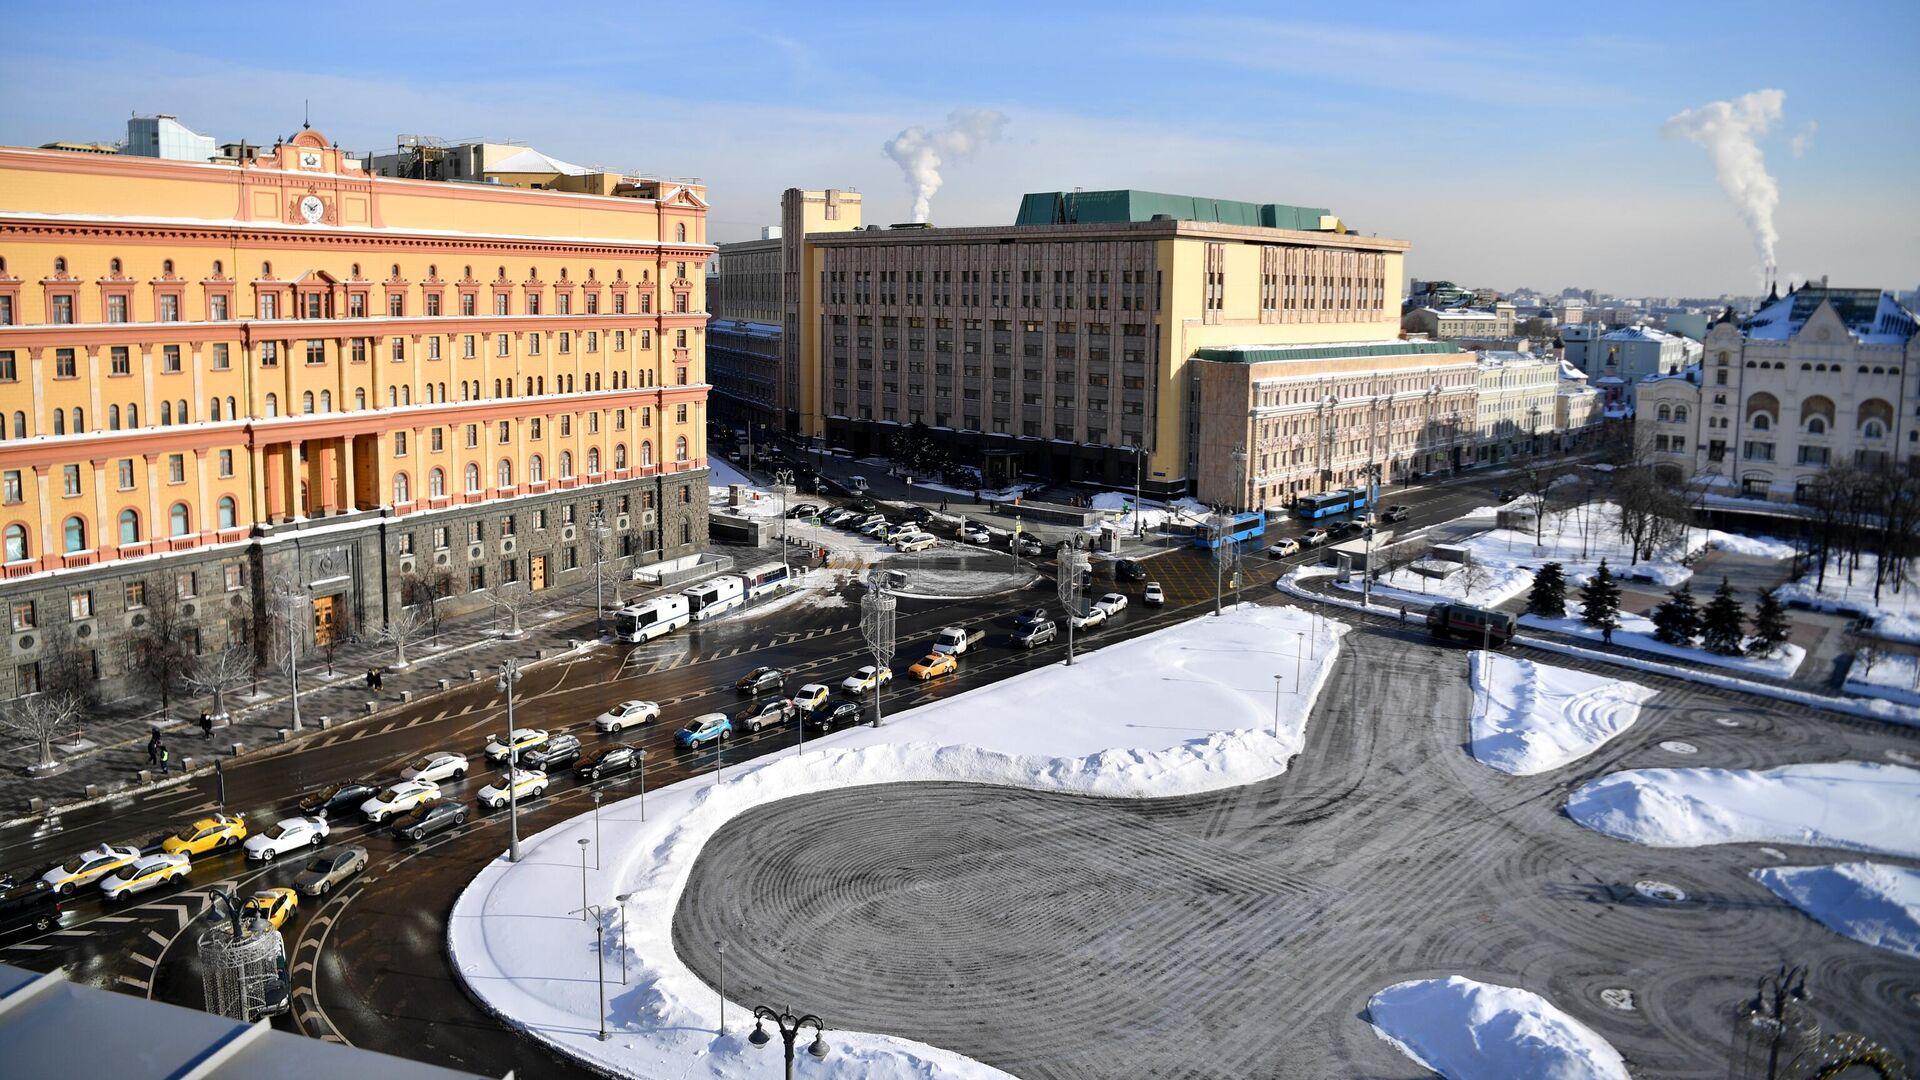 Здание Федеральной службы безопасности на Лубянской площади в Москве - РИА Новости, 1920, 25.02.2021